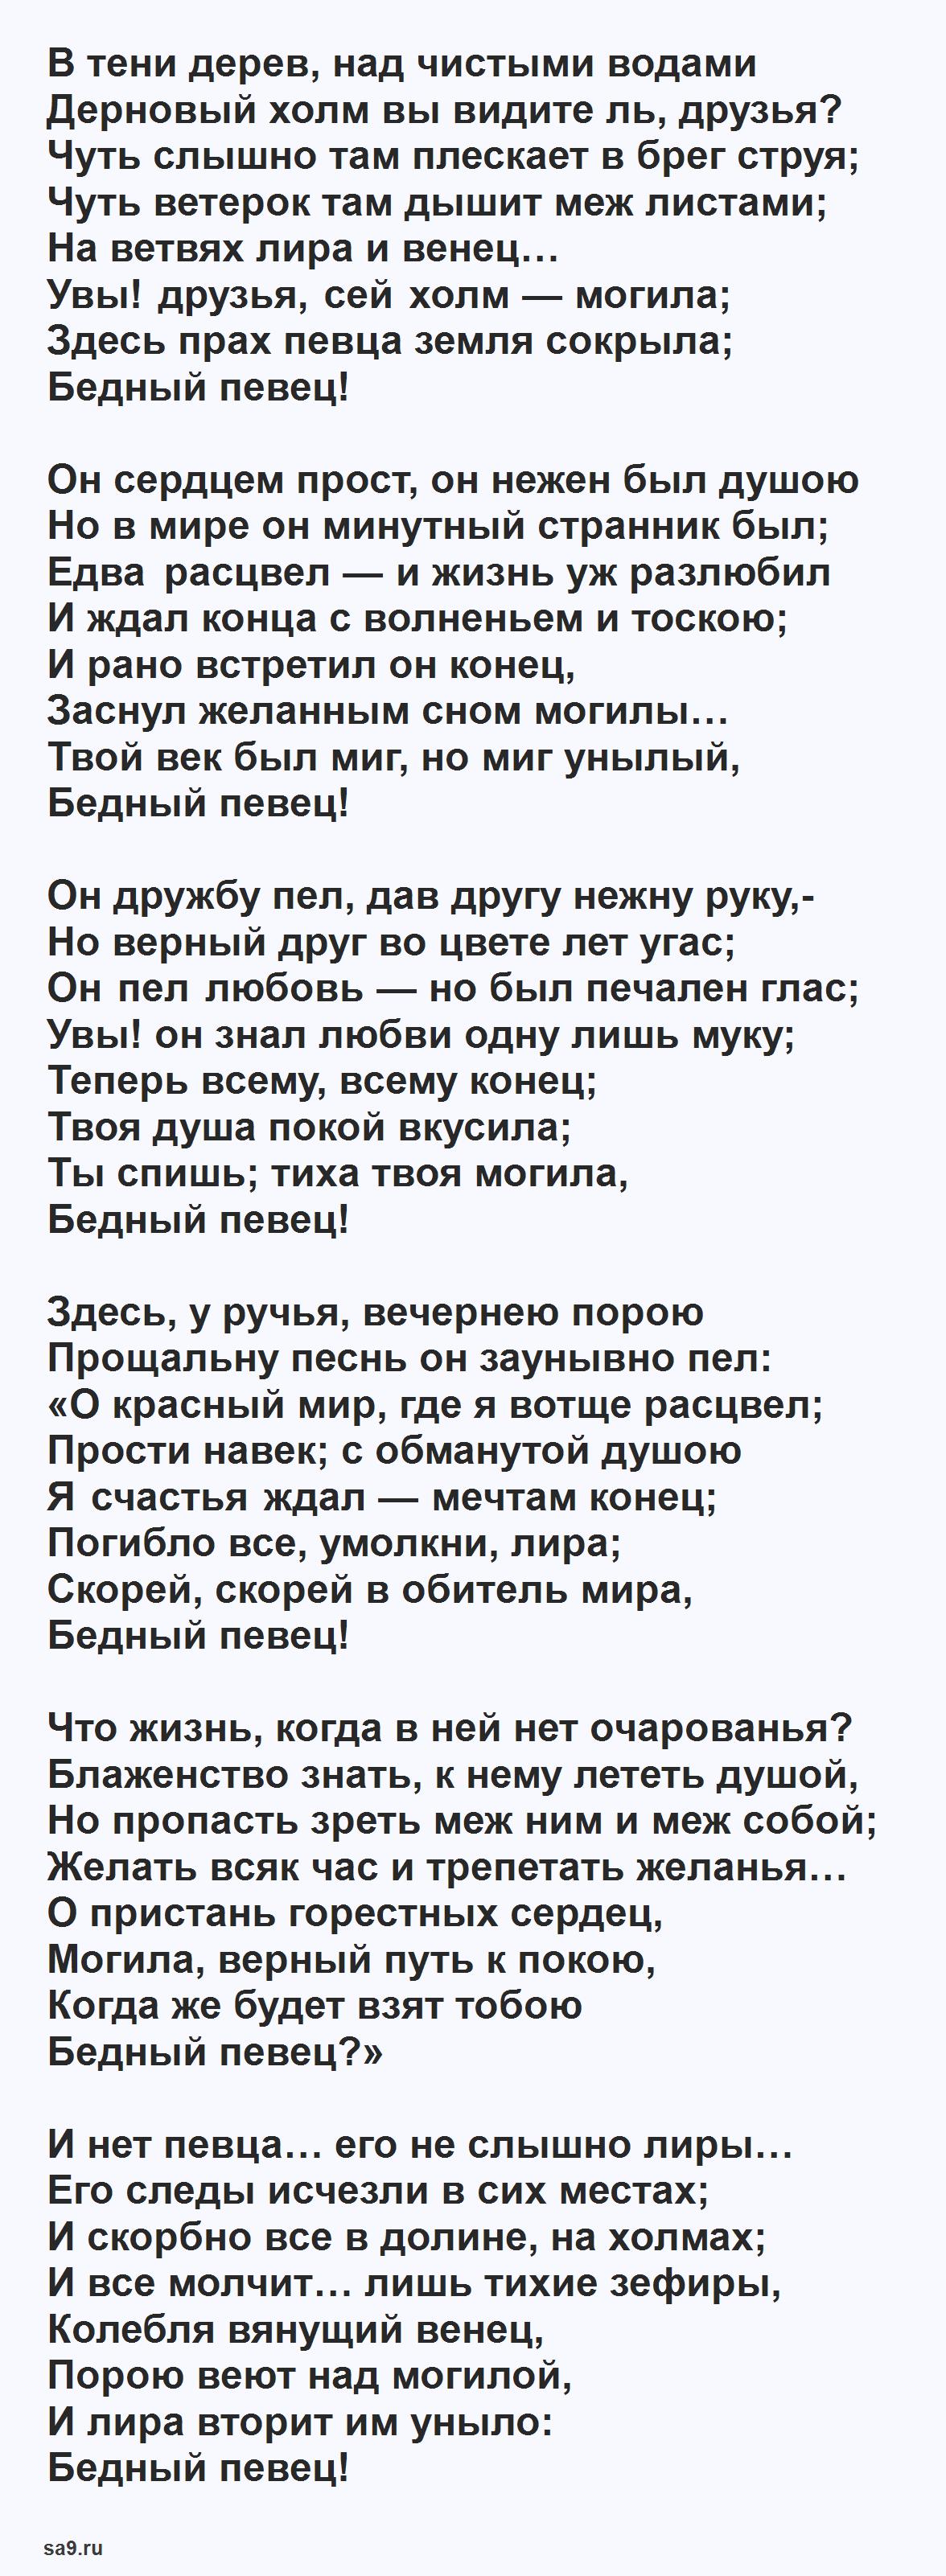 Стих Певец Жуковский, читаем текст полностью